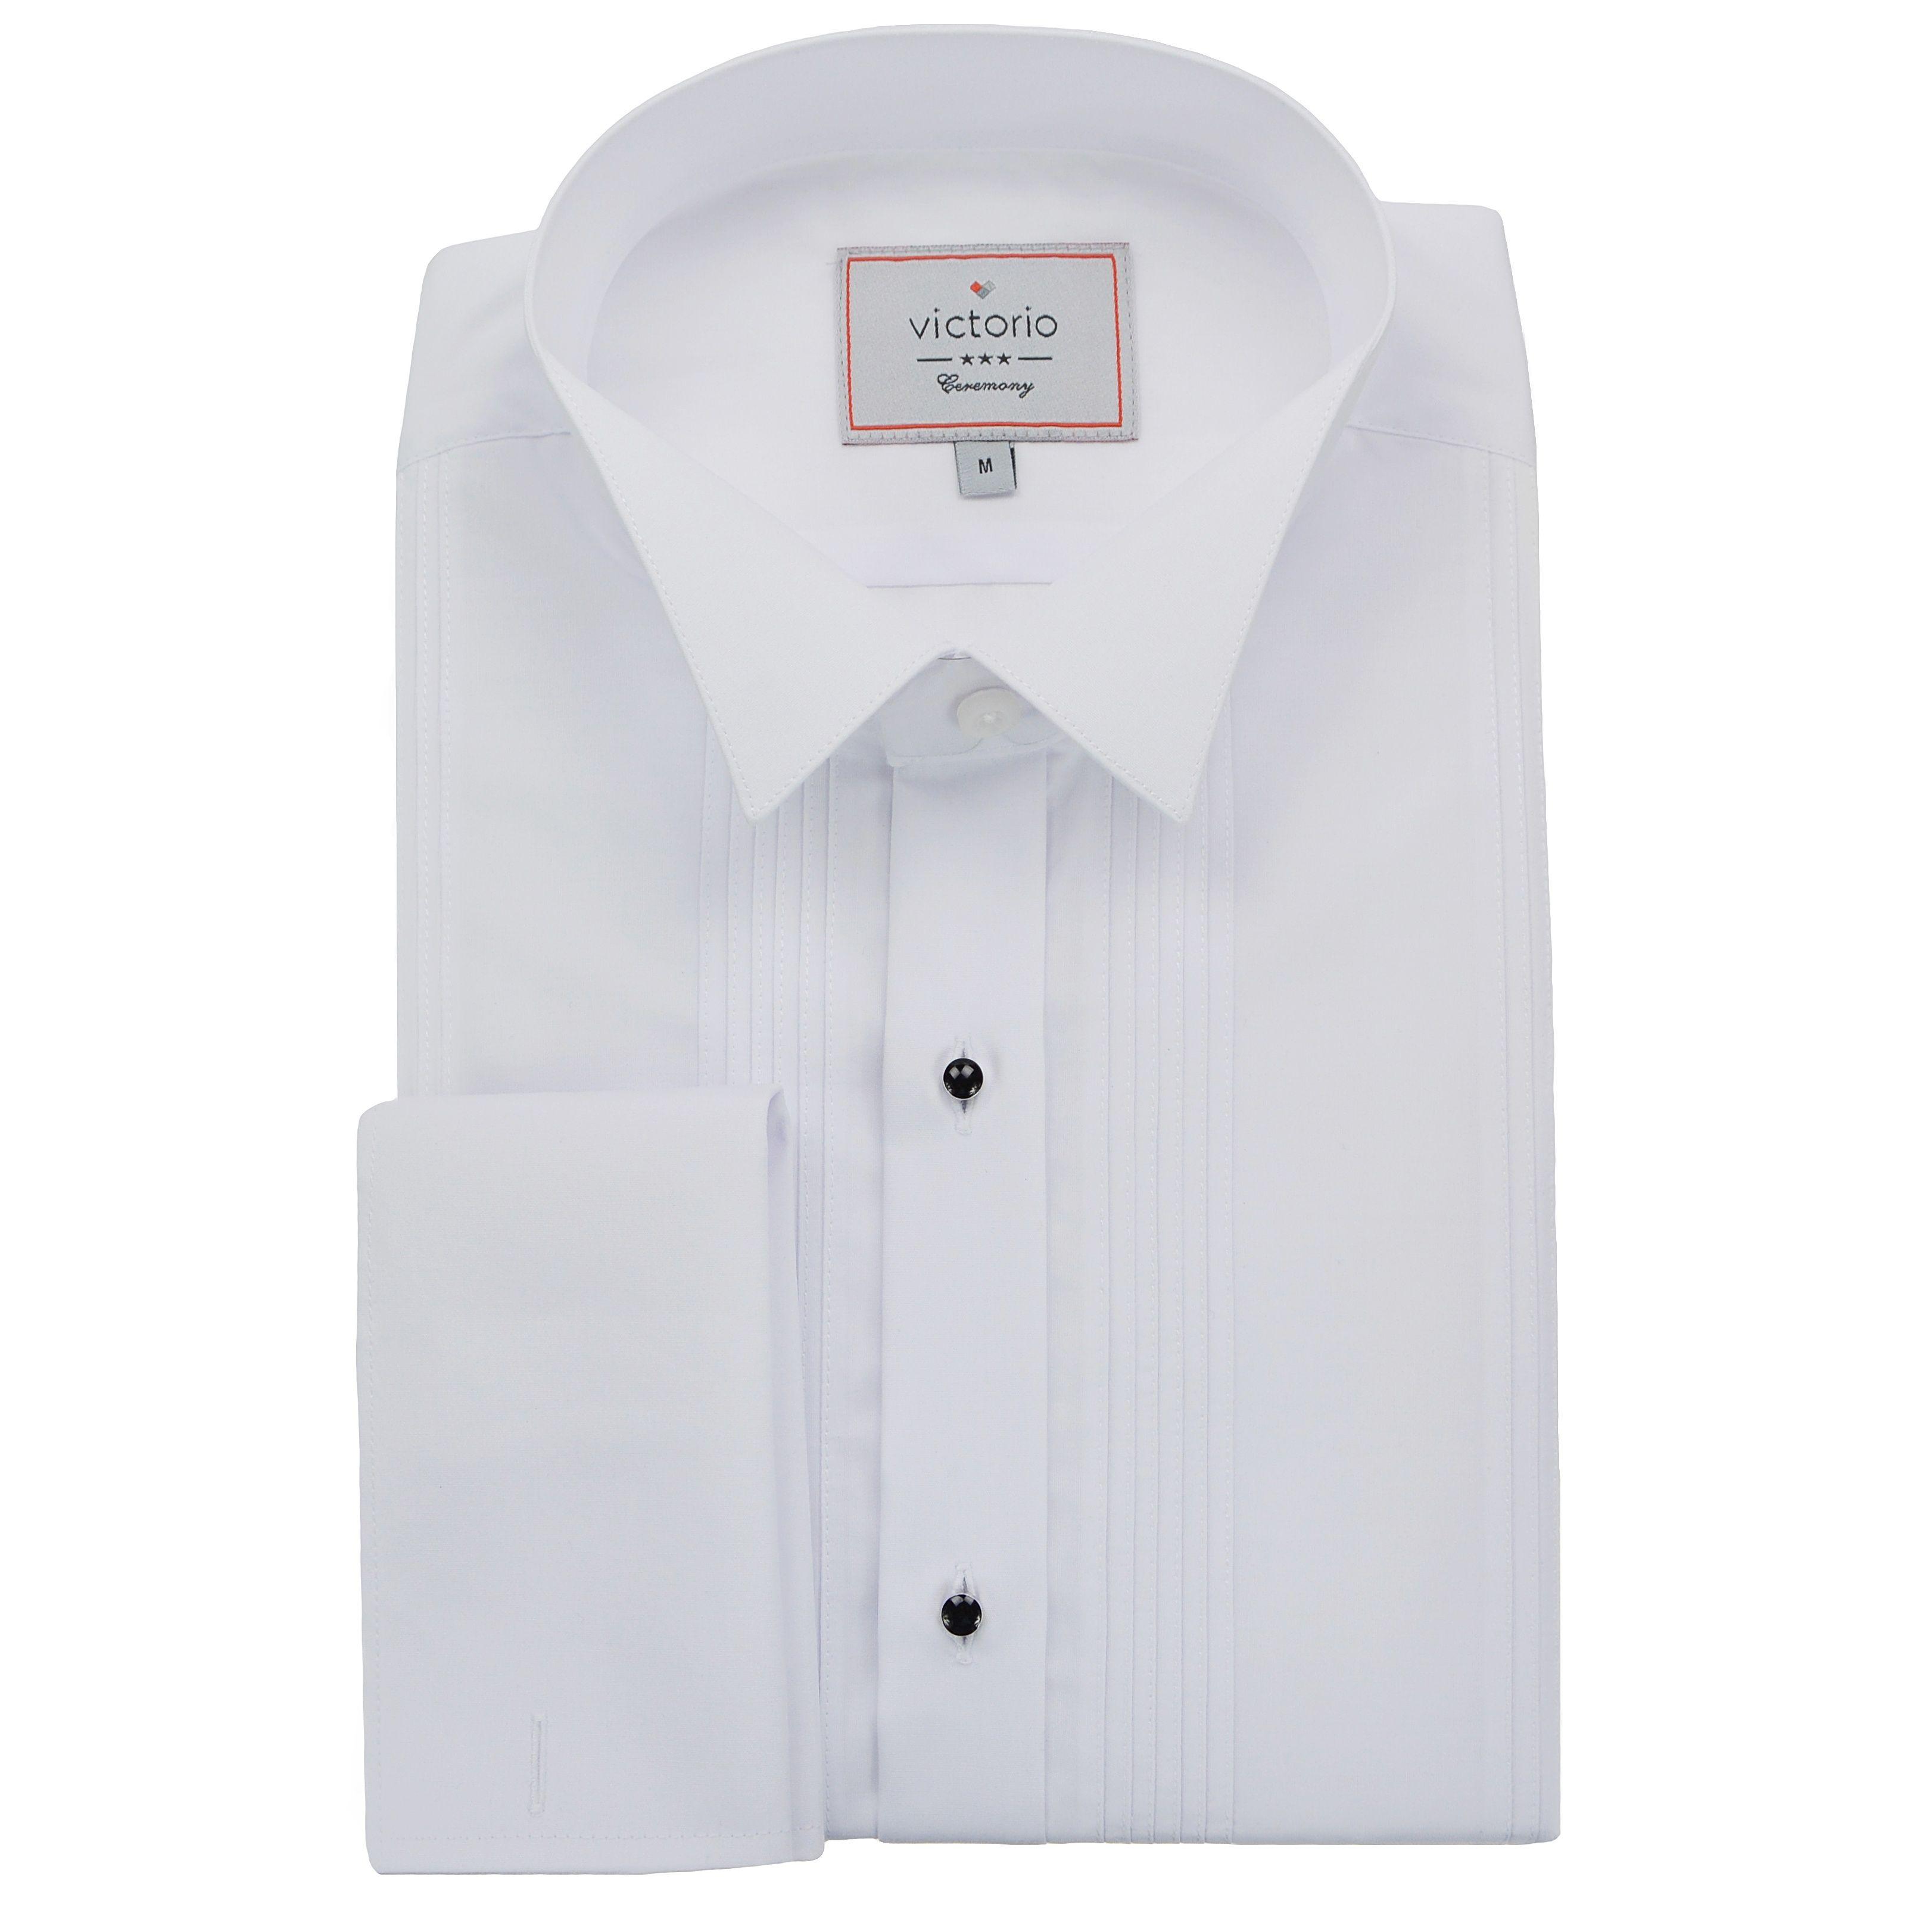 2a9a8201fd2d Biela pánska košeľa s čiernymi gombíkmi a jemnými pásikmi